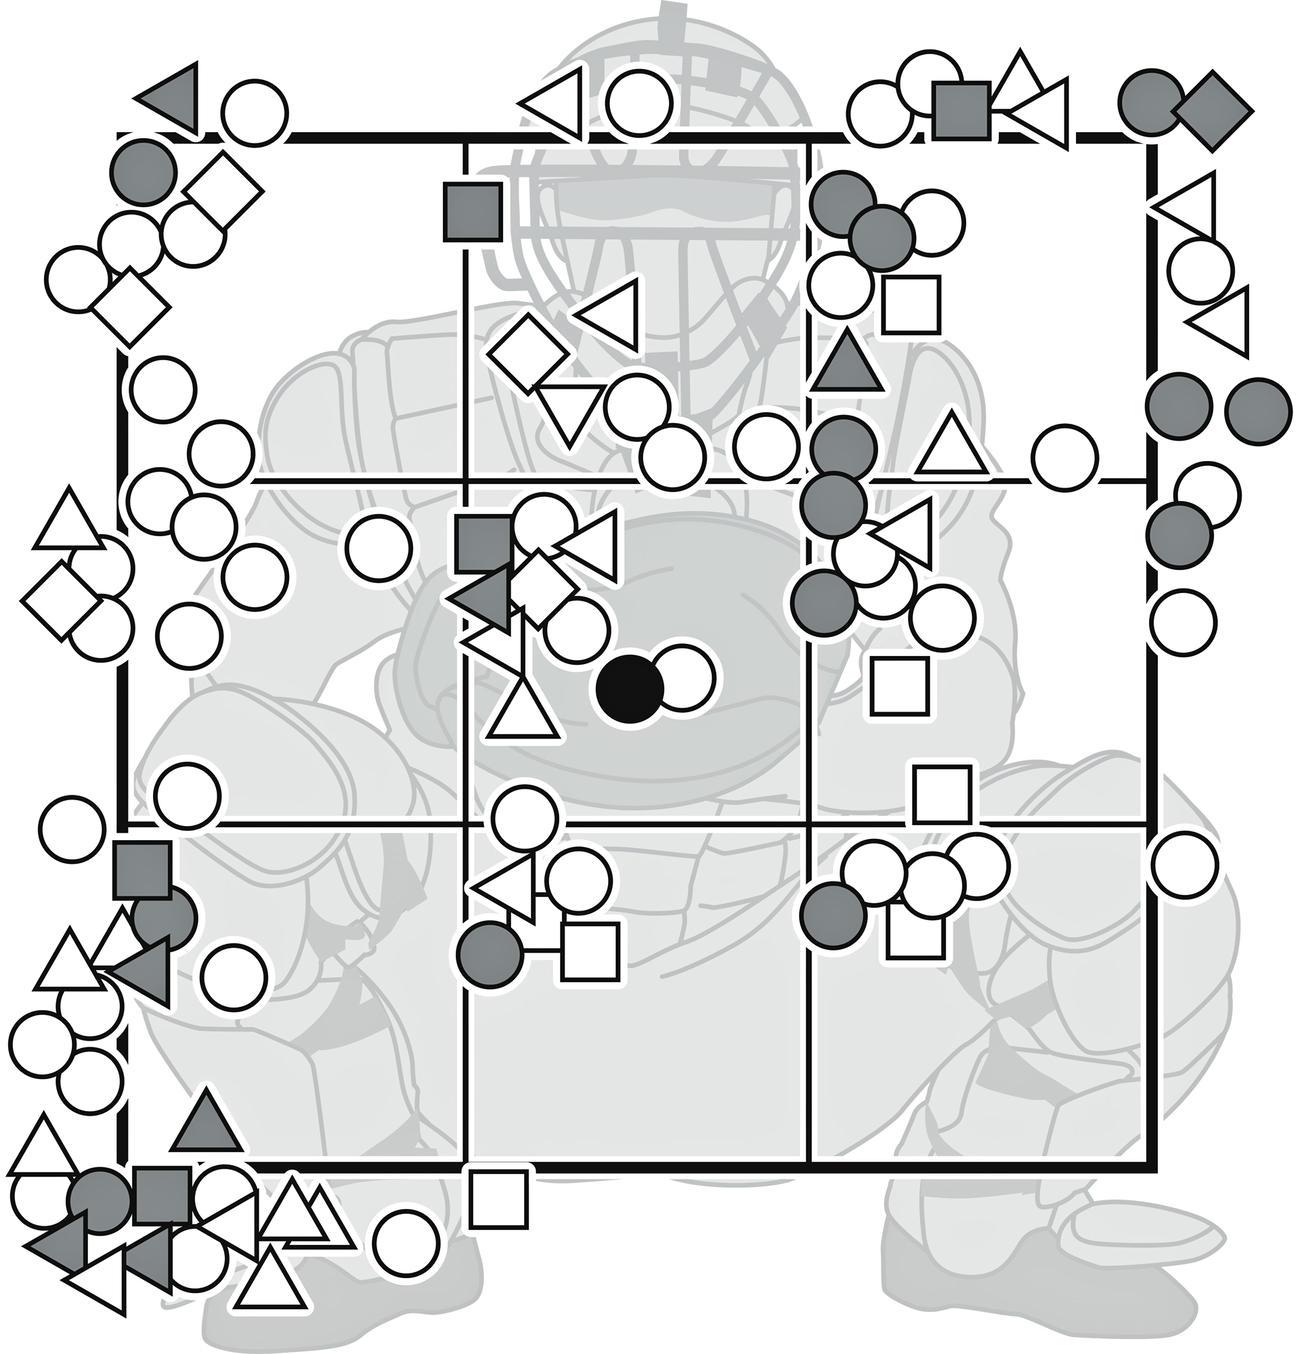 巨人畠の中日戦全109球※○=直球、横向き△=スライダー、□=チェンジアップ、△=カーブ、◇=カットボール、▽=フォーク